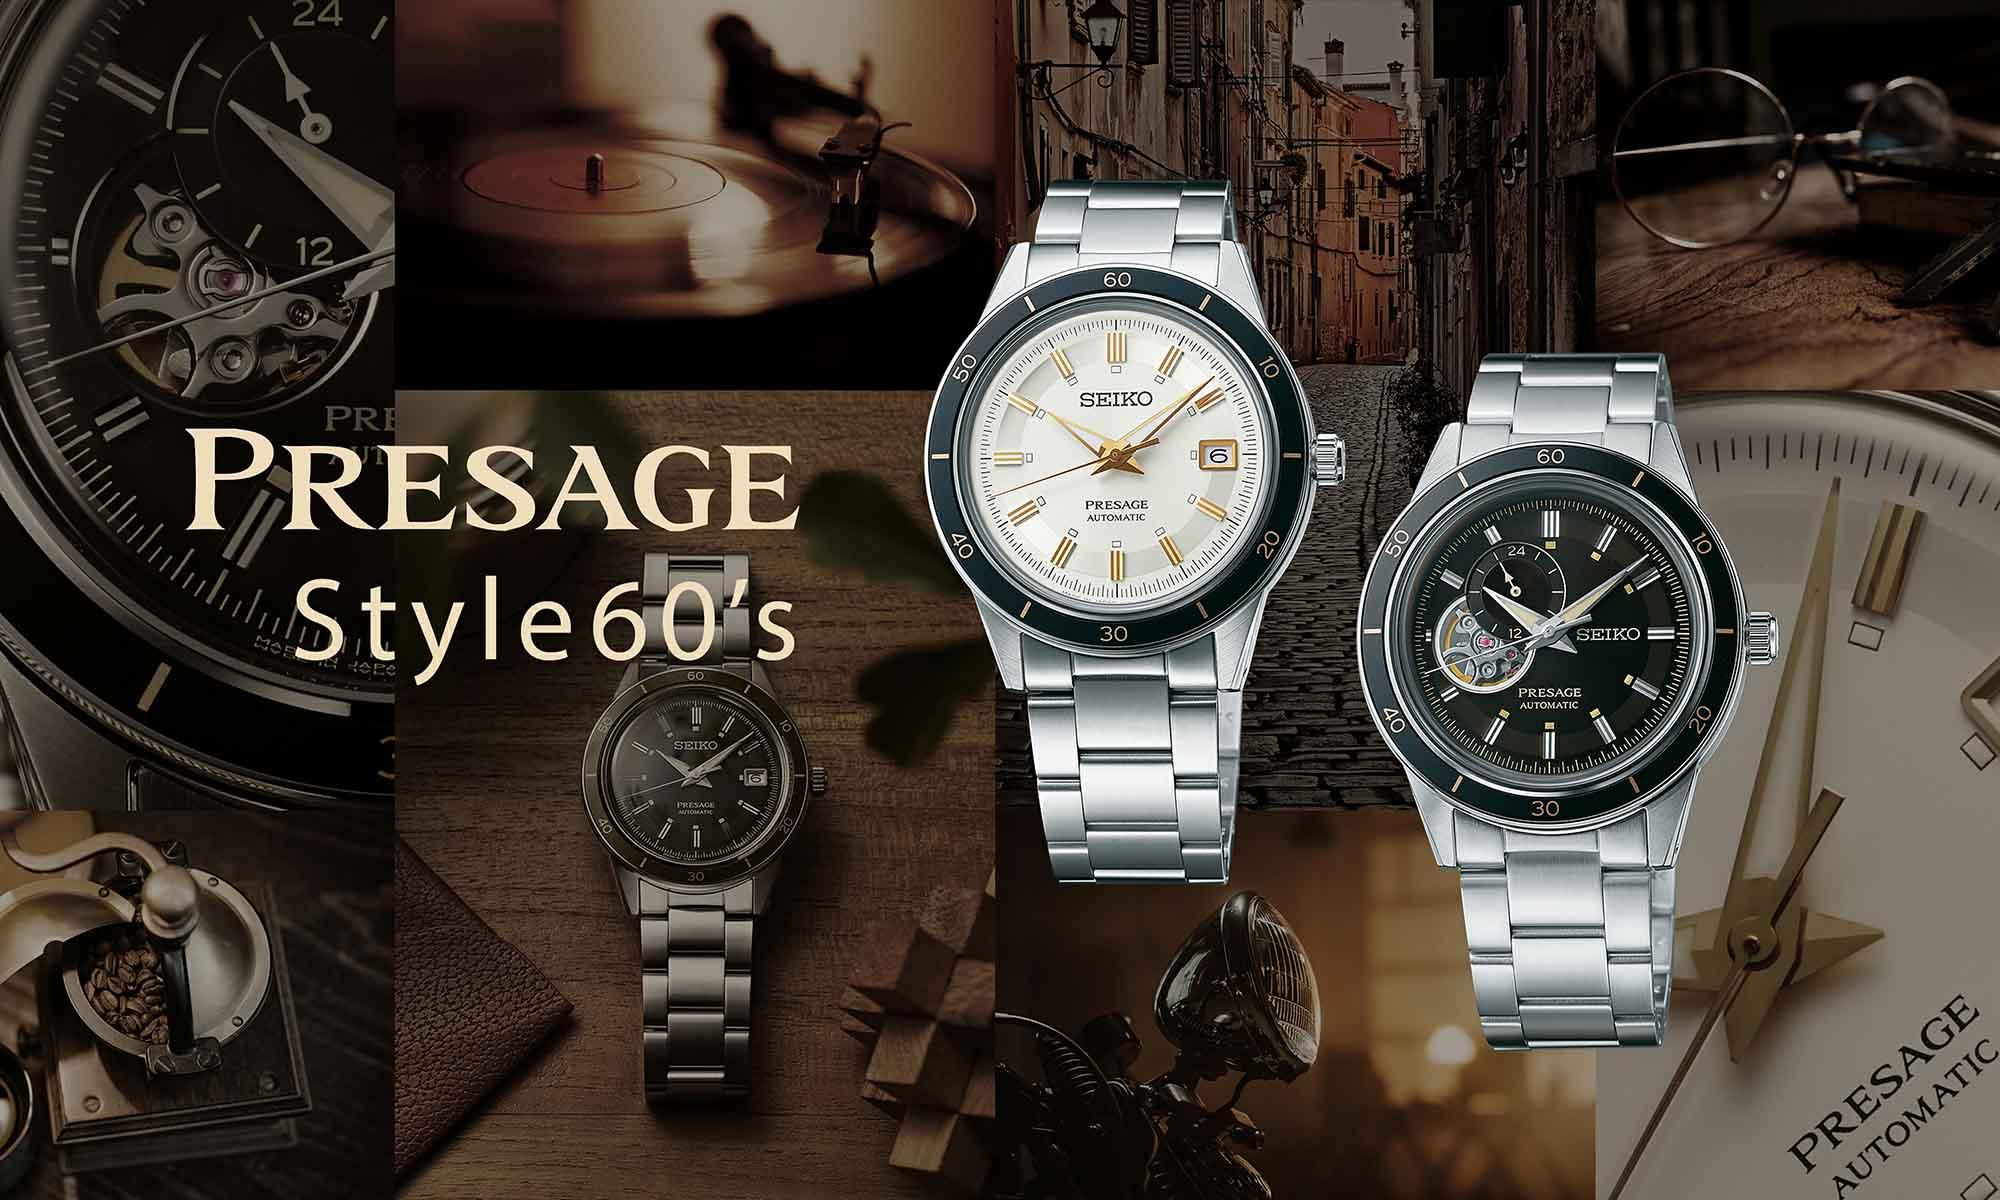 Presage Style 60's